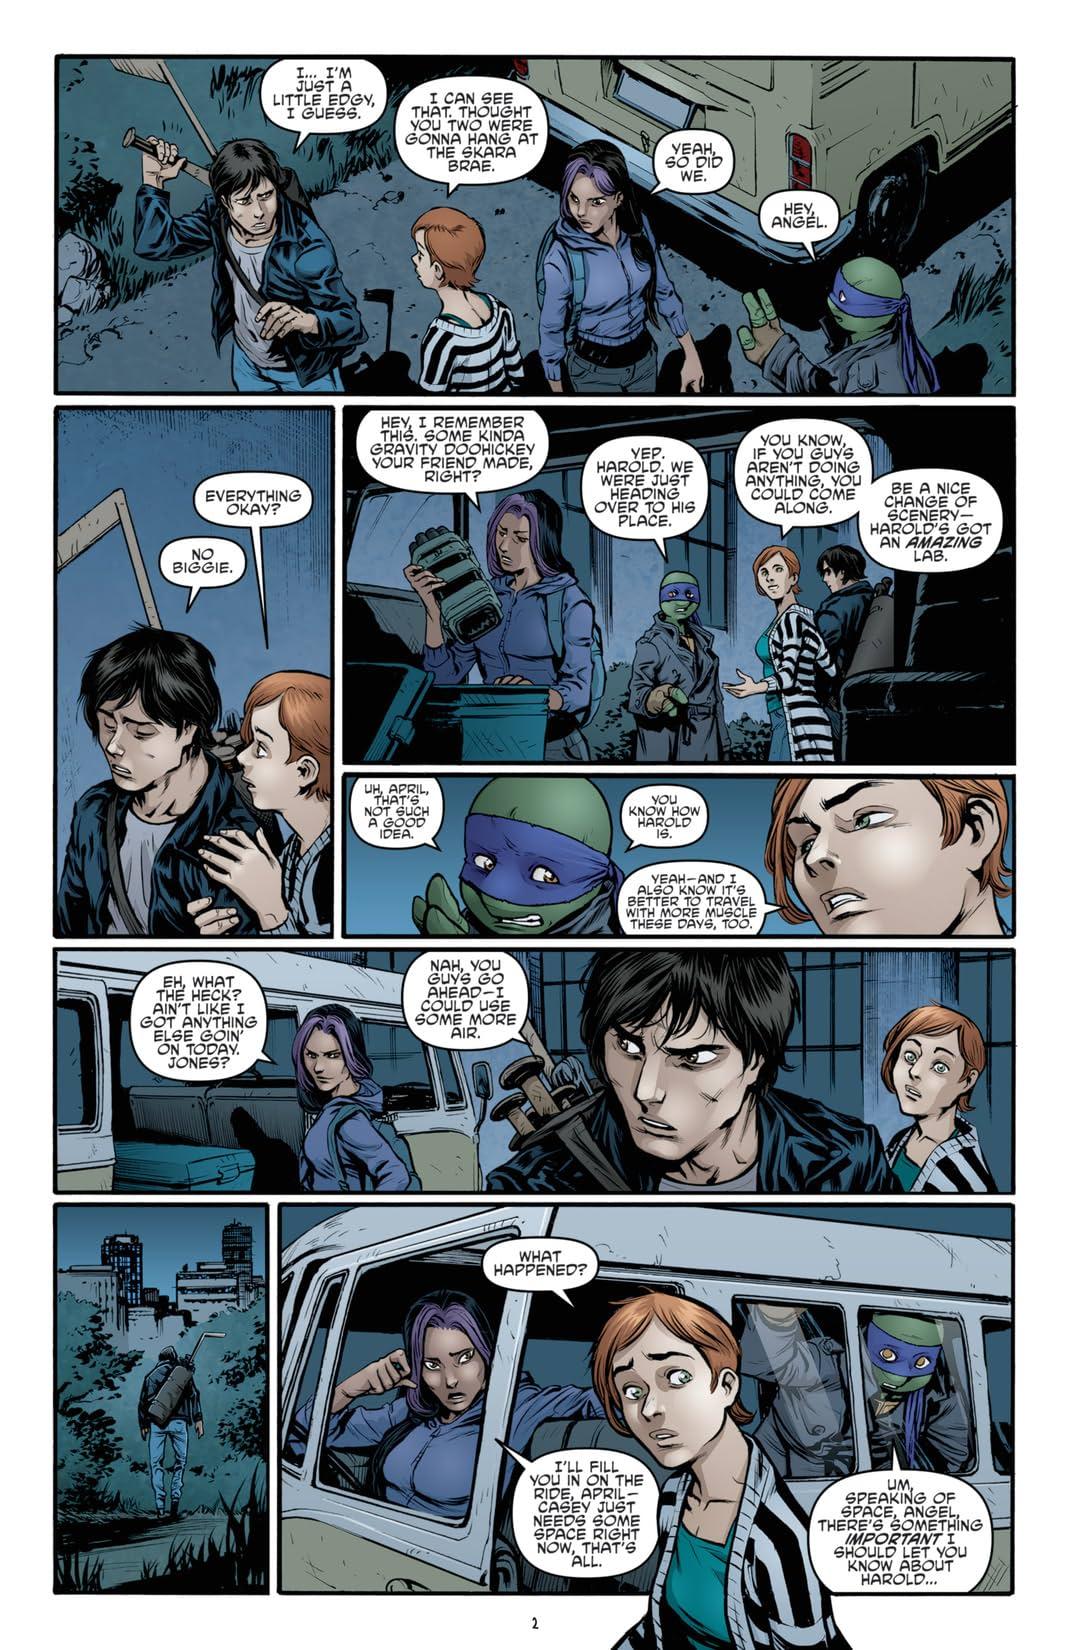 Teenage Mutant Ninja Turtles #34